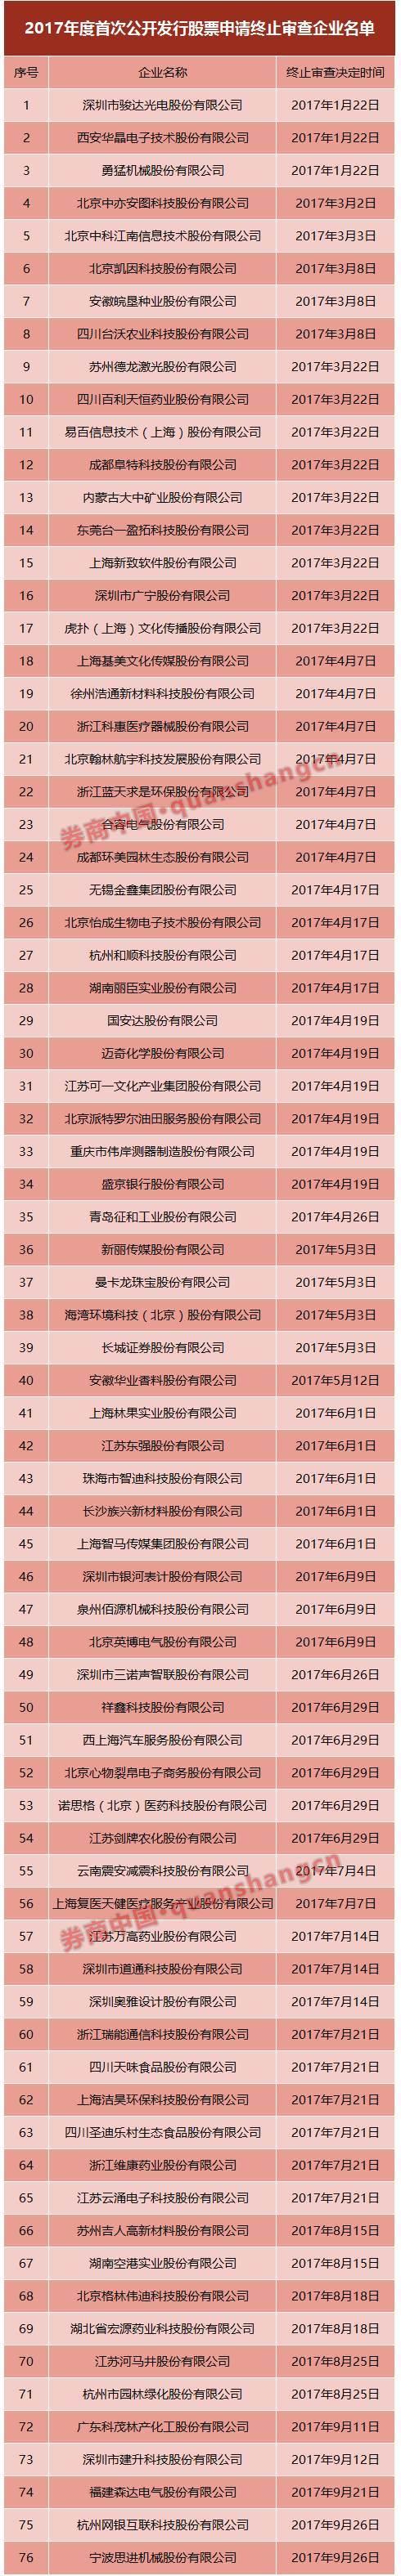 526家IPO后备军揭秘:江浙企业占到27%,金融机构有26家